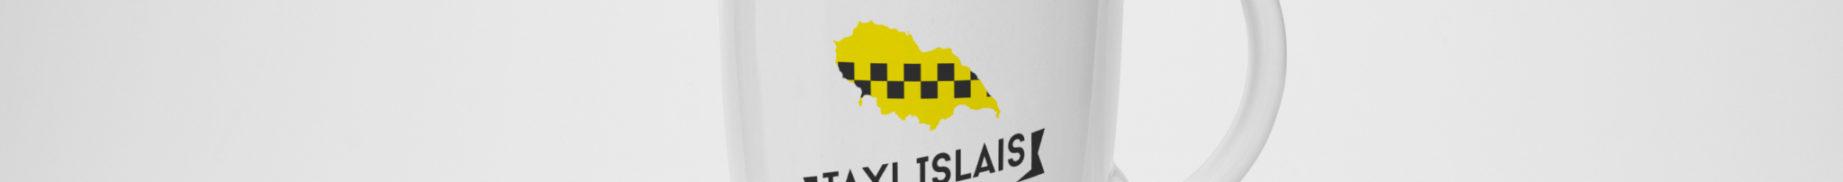 Taxi Islais